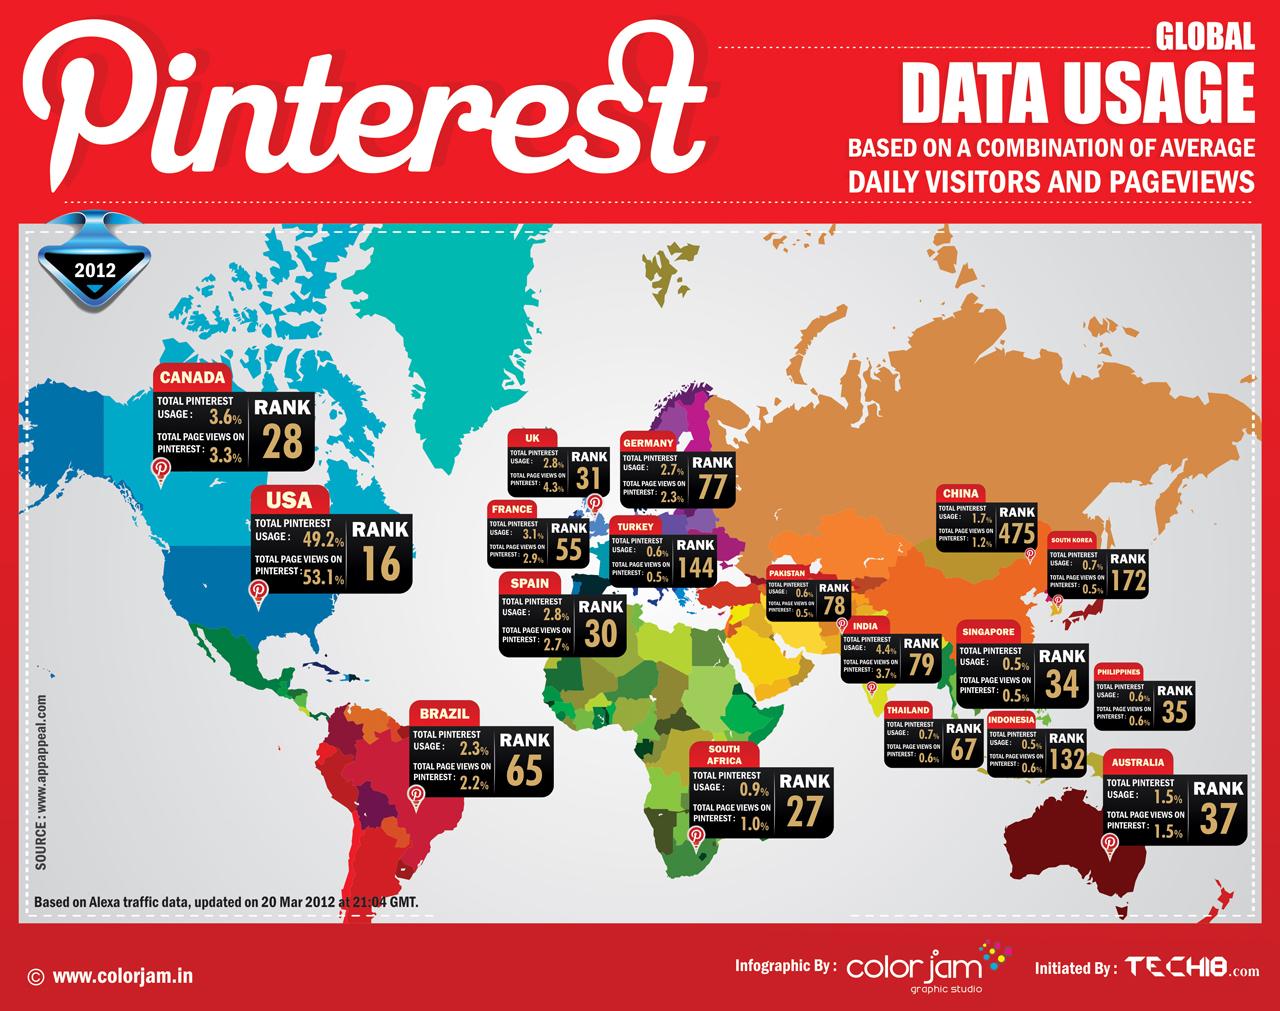 pinterest et strat u00e9gie social marketing    infographie